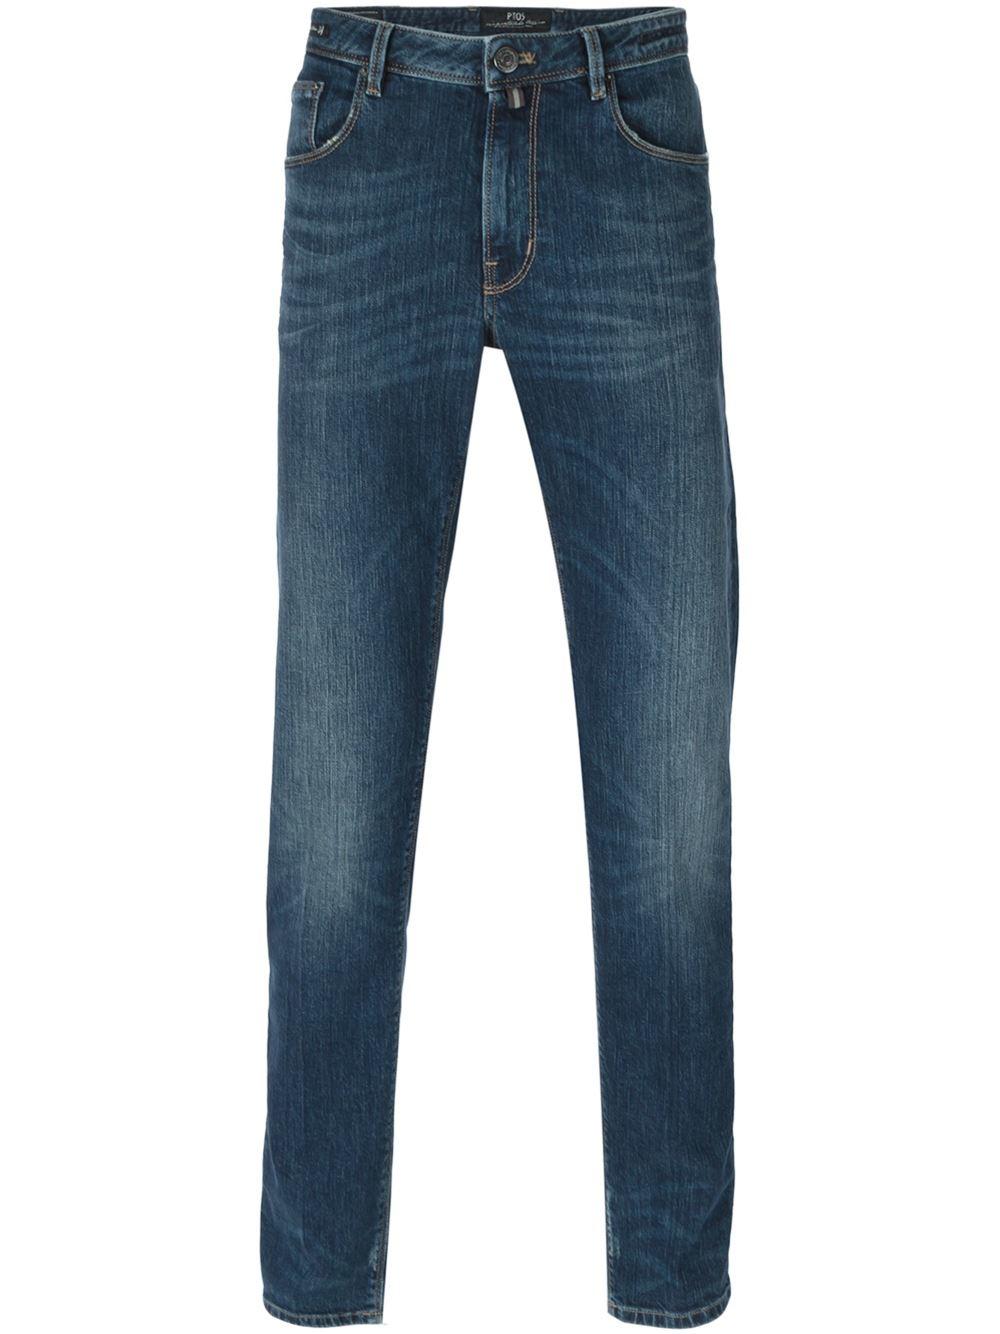 pt05 super slim fit jeans in blue for men lyst. Black Bedroom Furniture Sets. Home Design Ideas